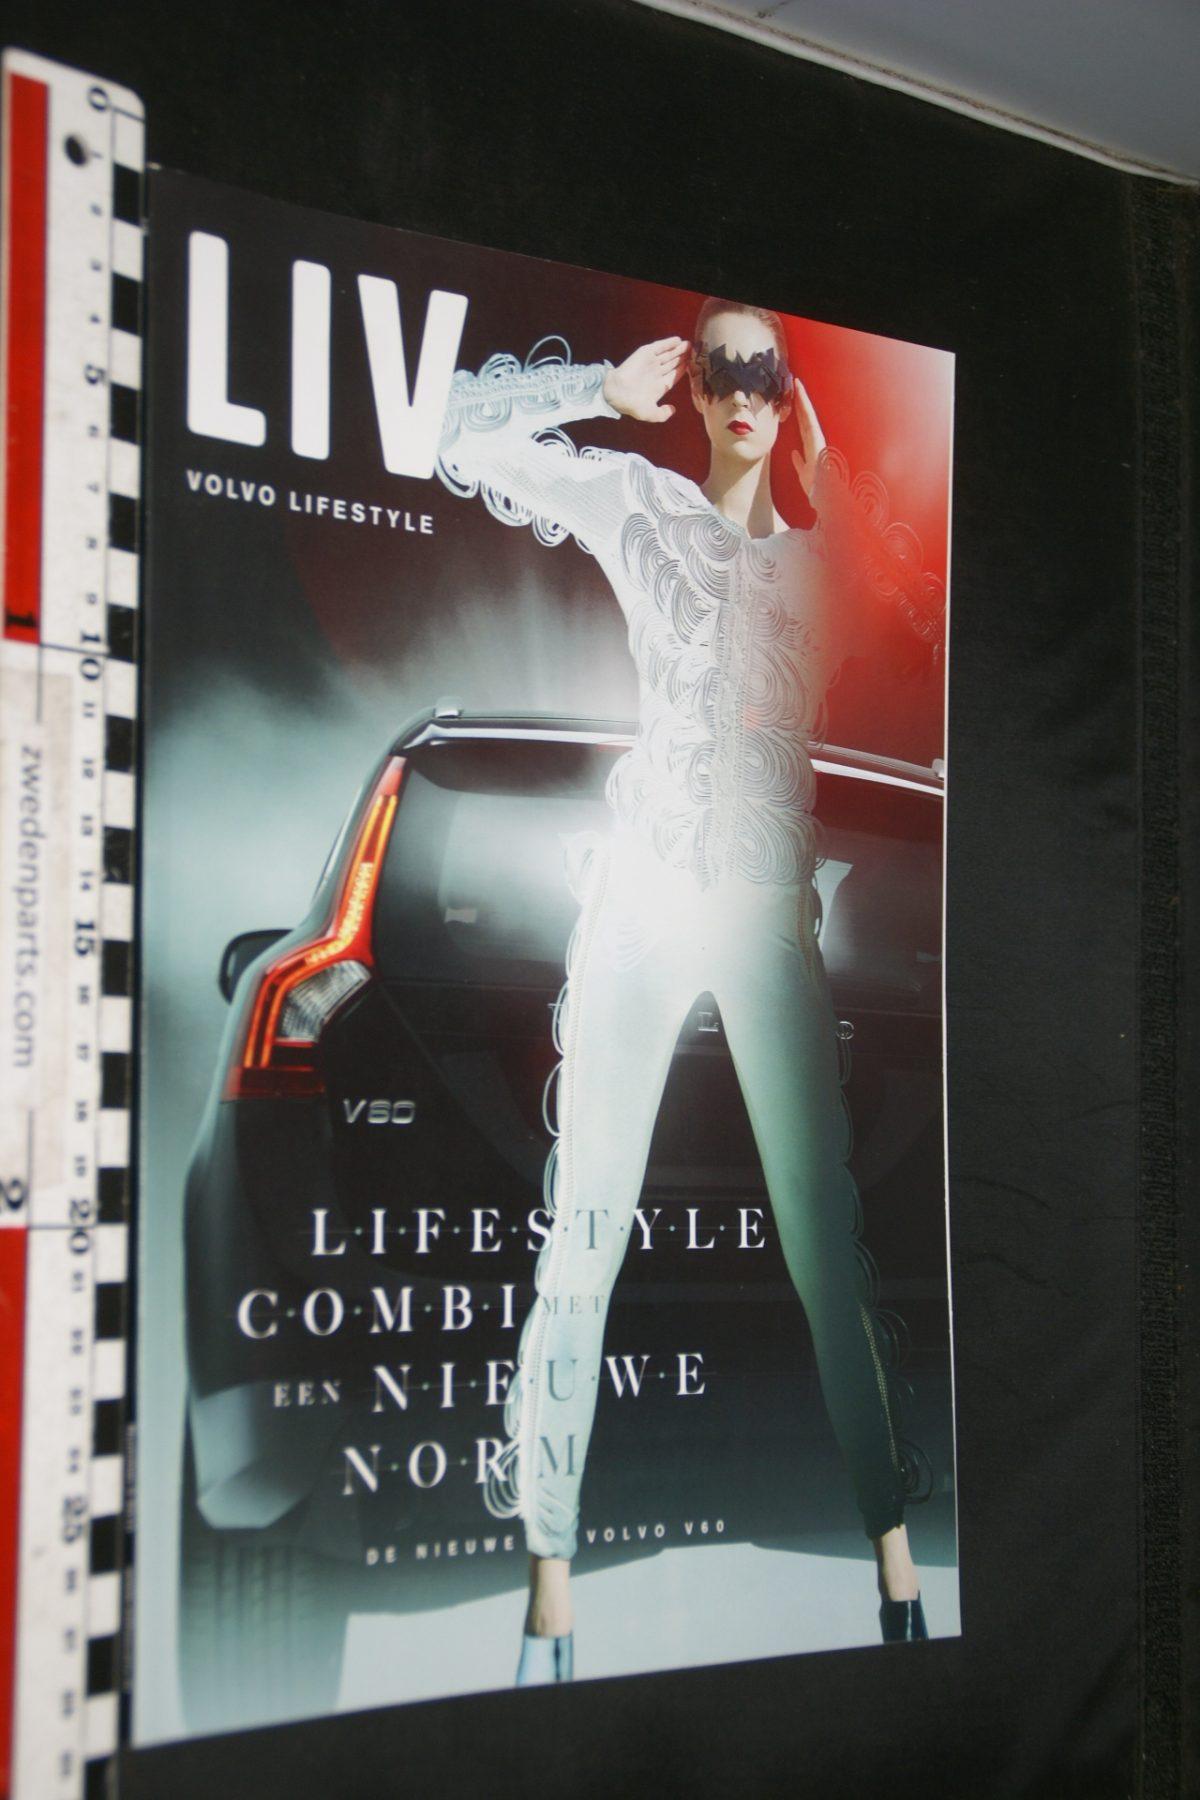 DSC05111 2010 tijdschrift Volvo LIV nr 2